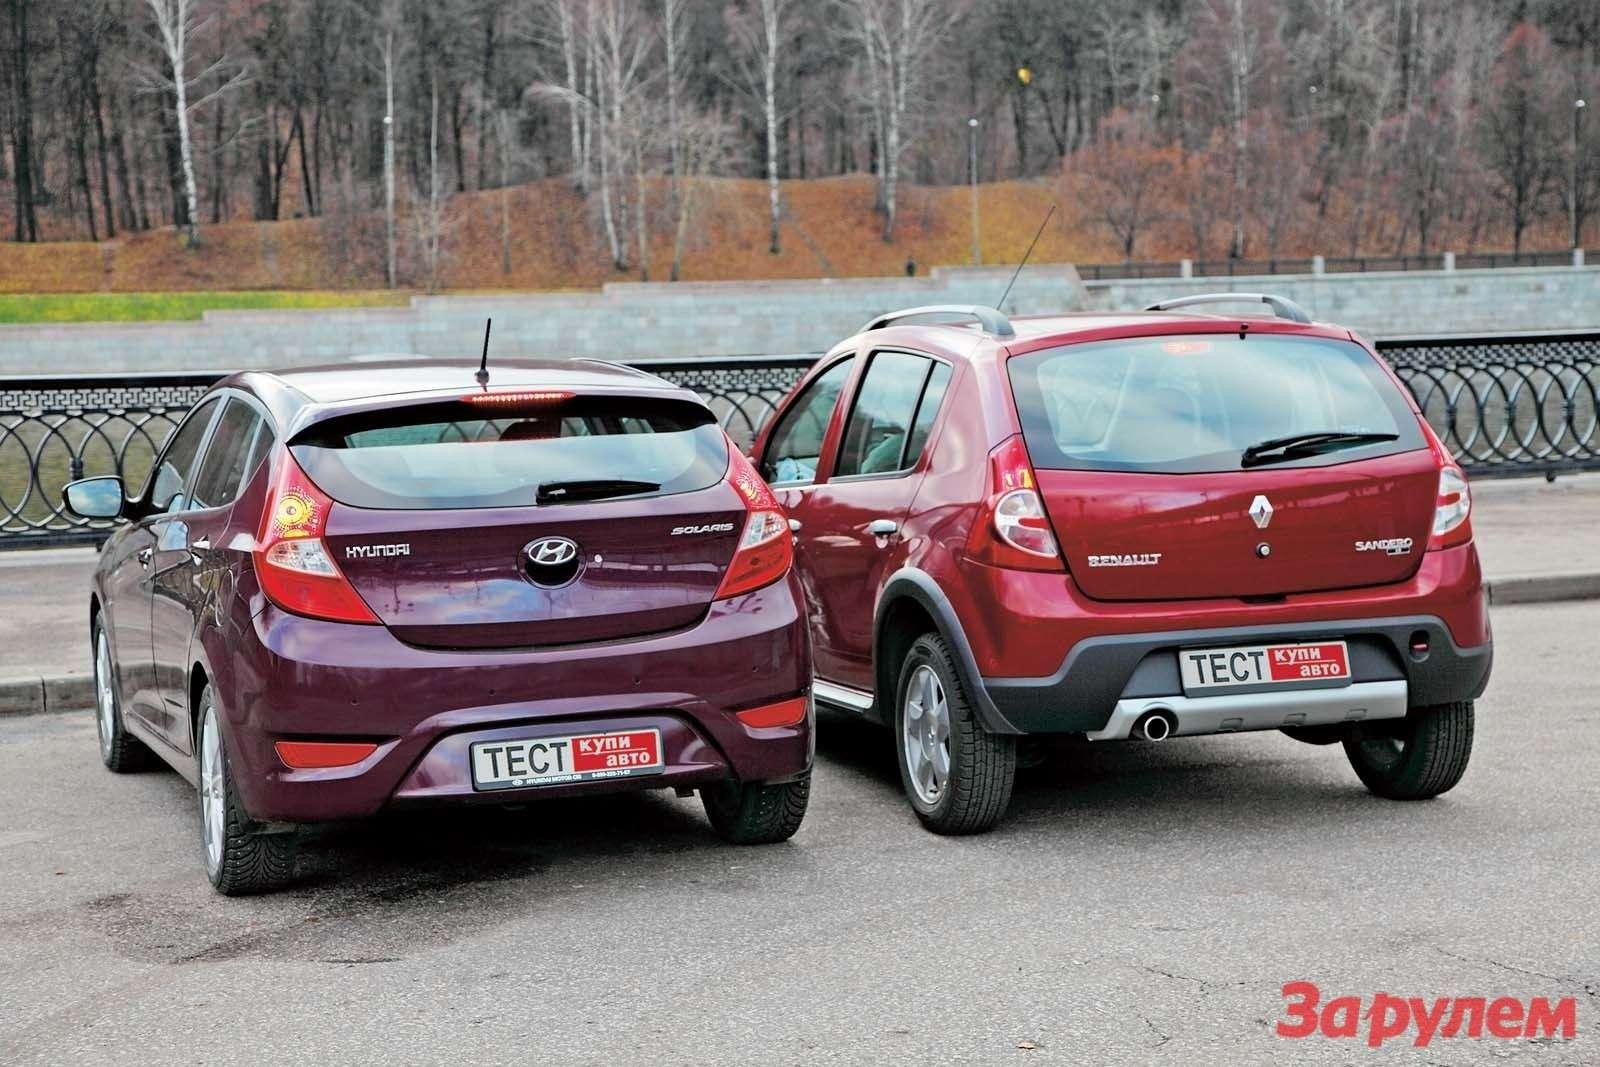 «Хёндай-Солярис», от443000 руб. vs«Рено-Сандеро-Степвэй», от453000 руб.